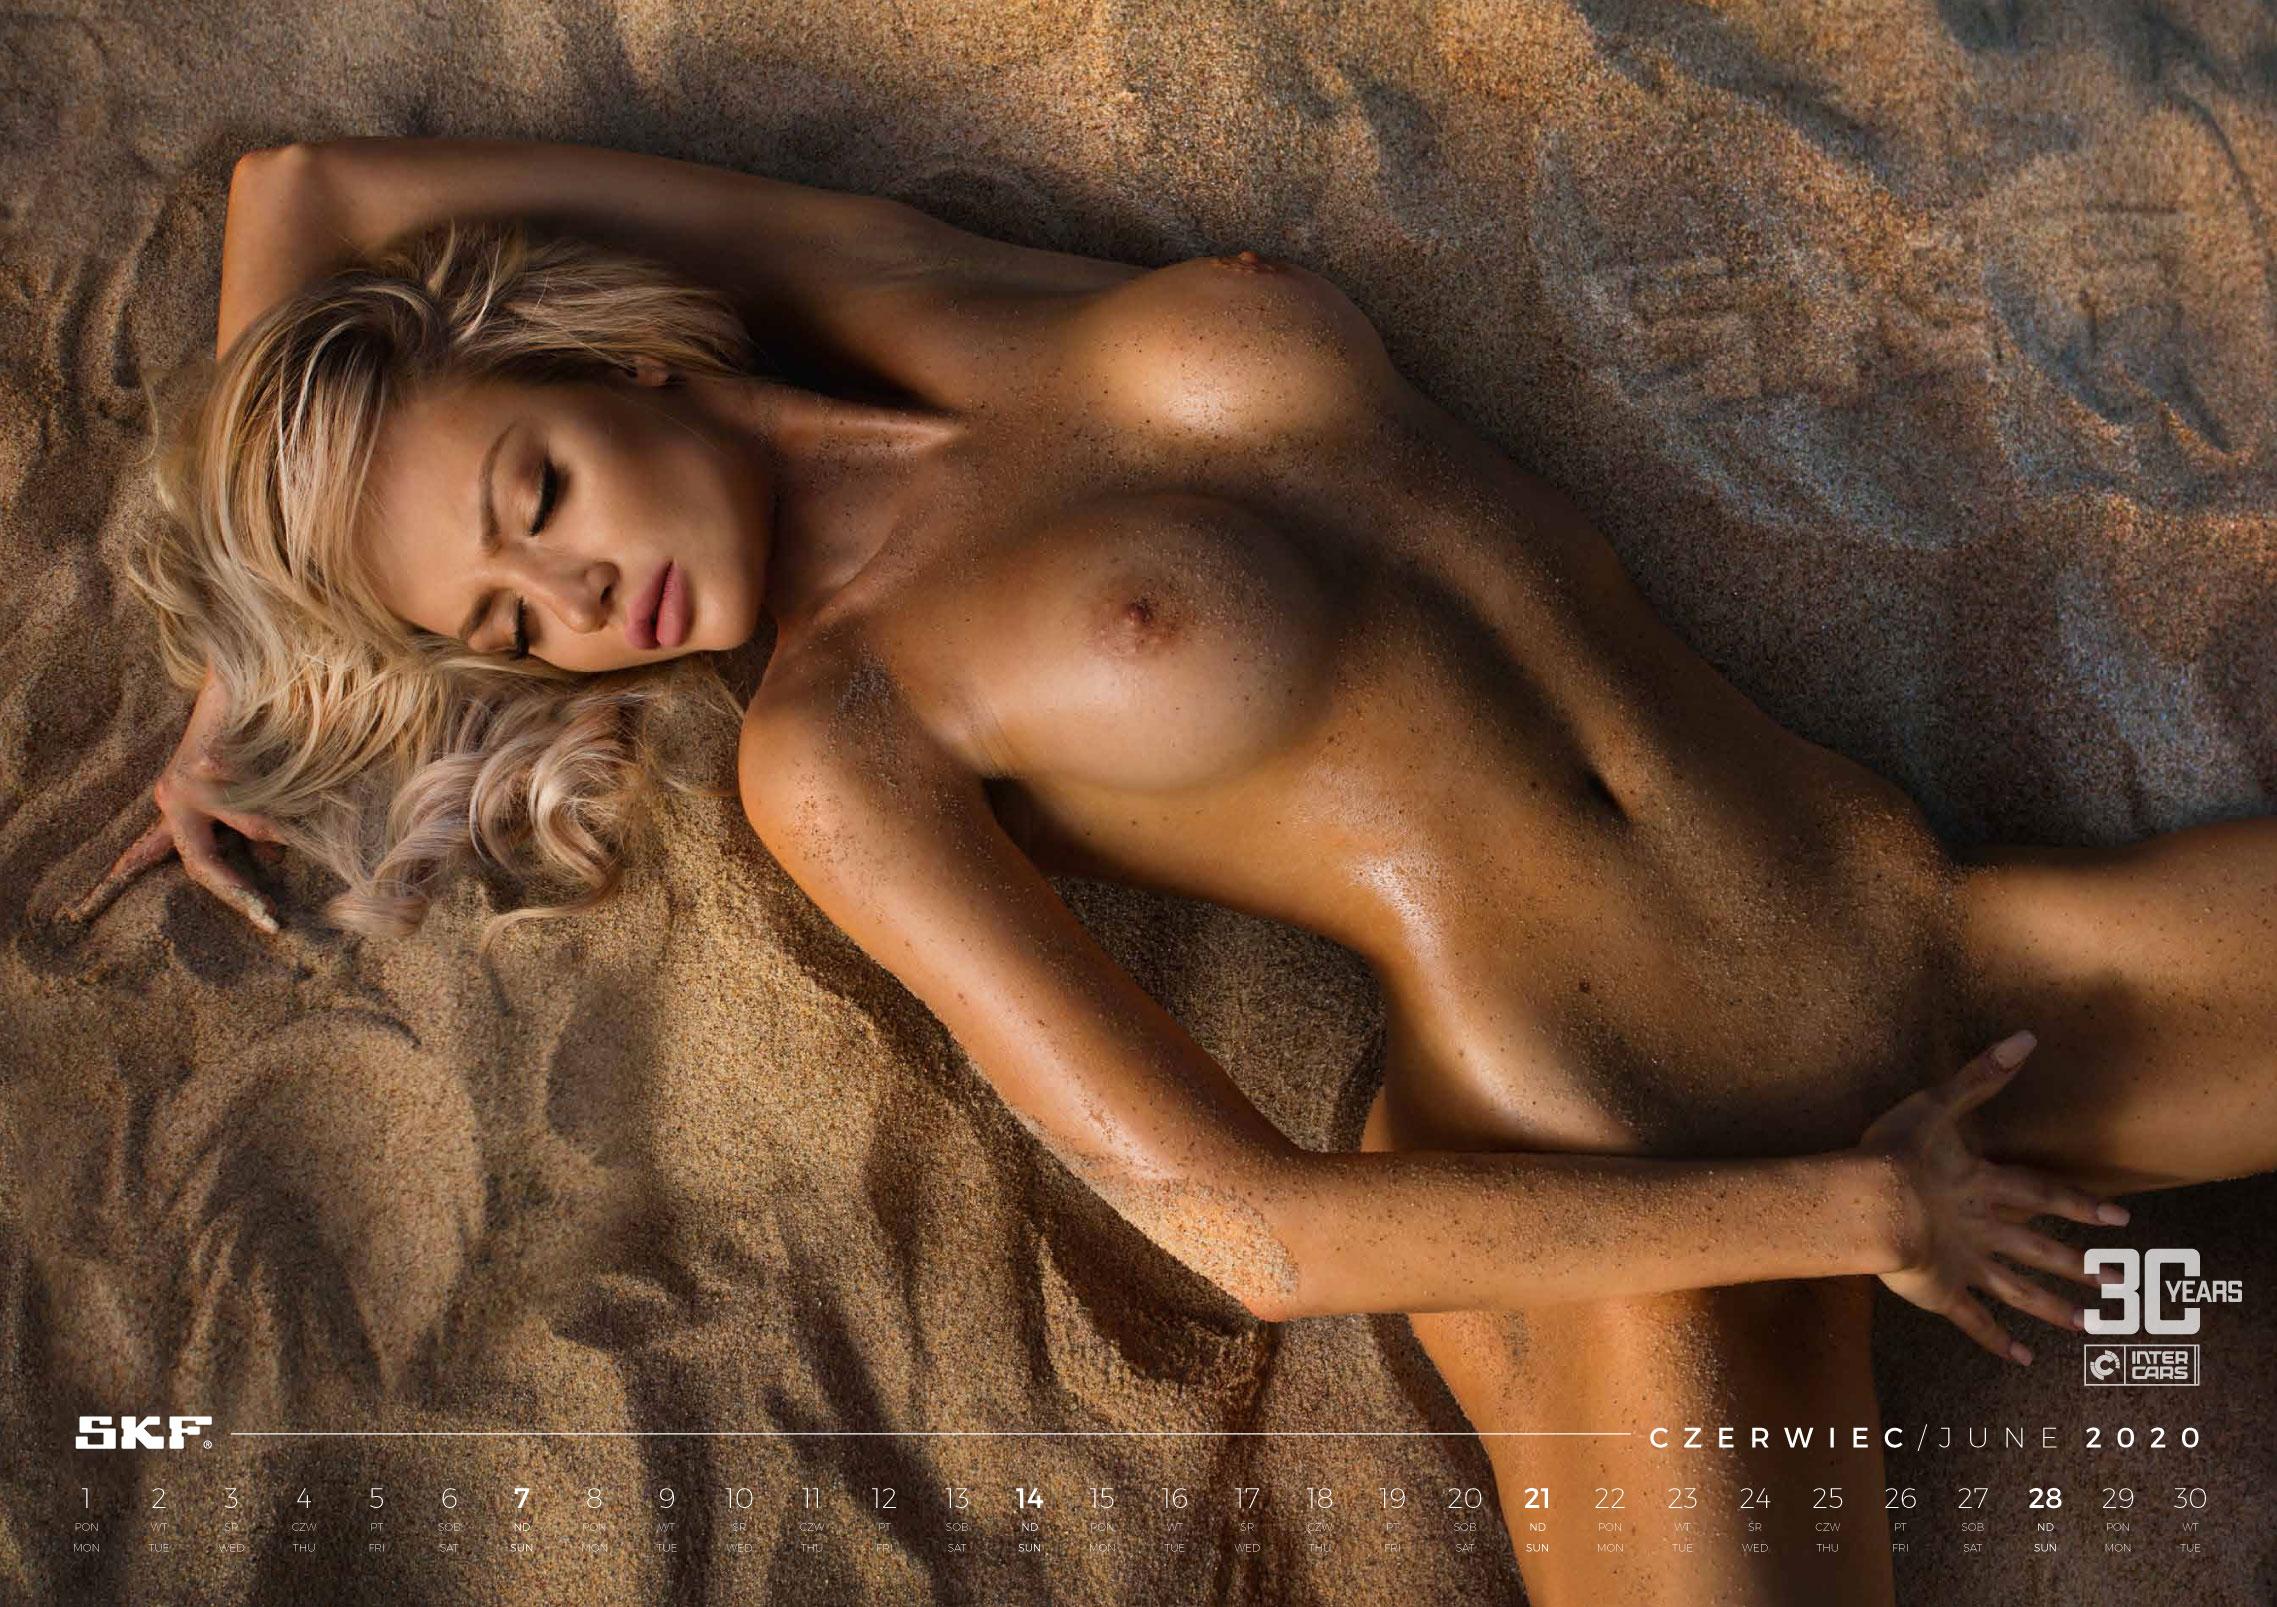 Сексуальные фотомодели в эротическом календаре Inter Cars 2020 / июнь